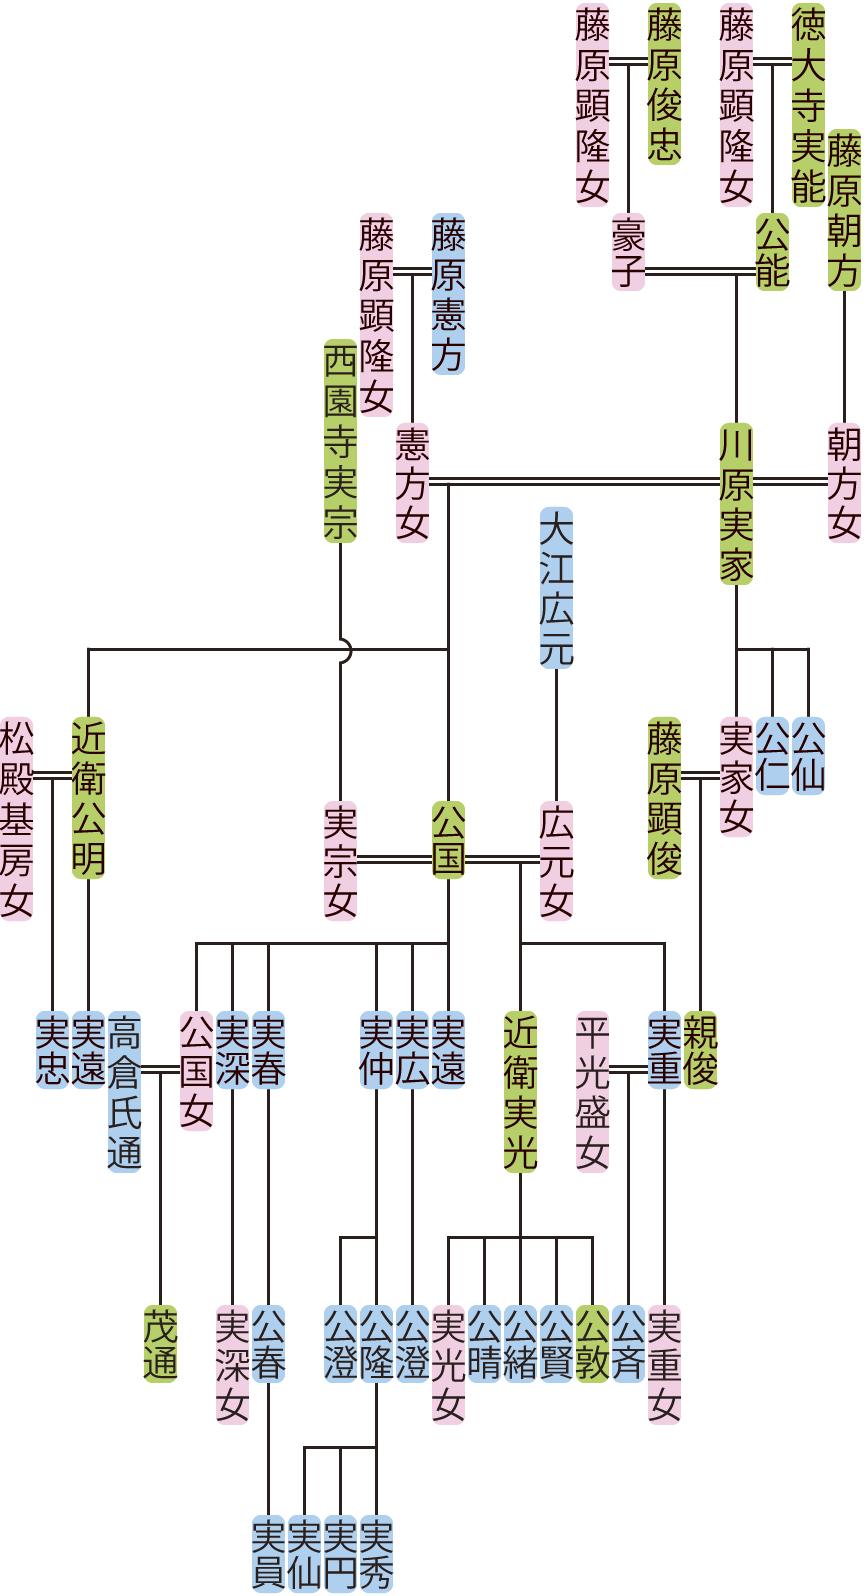 川原実家・公国の系図